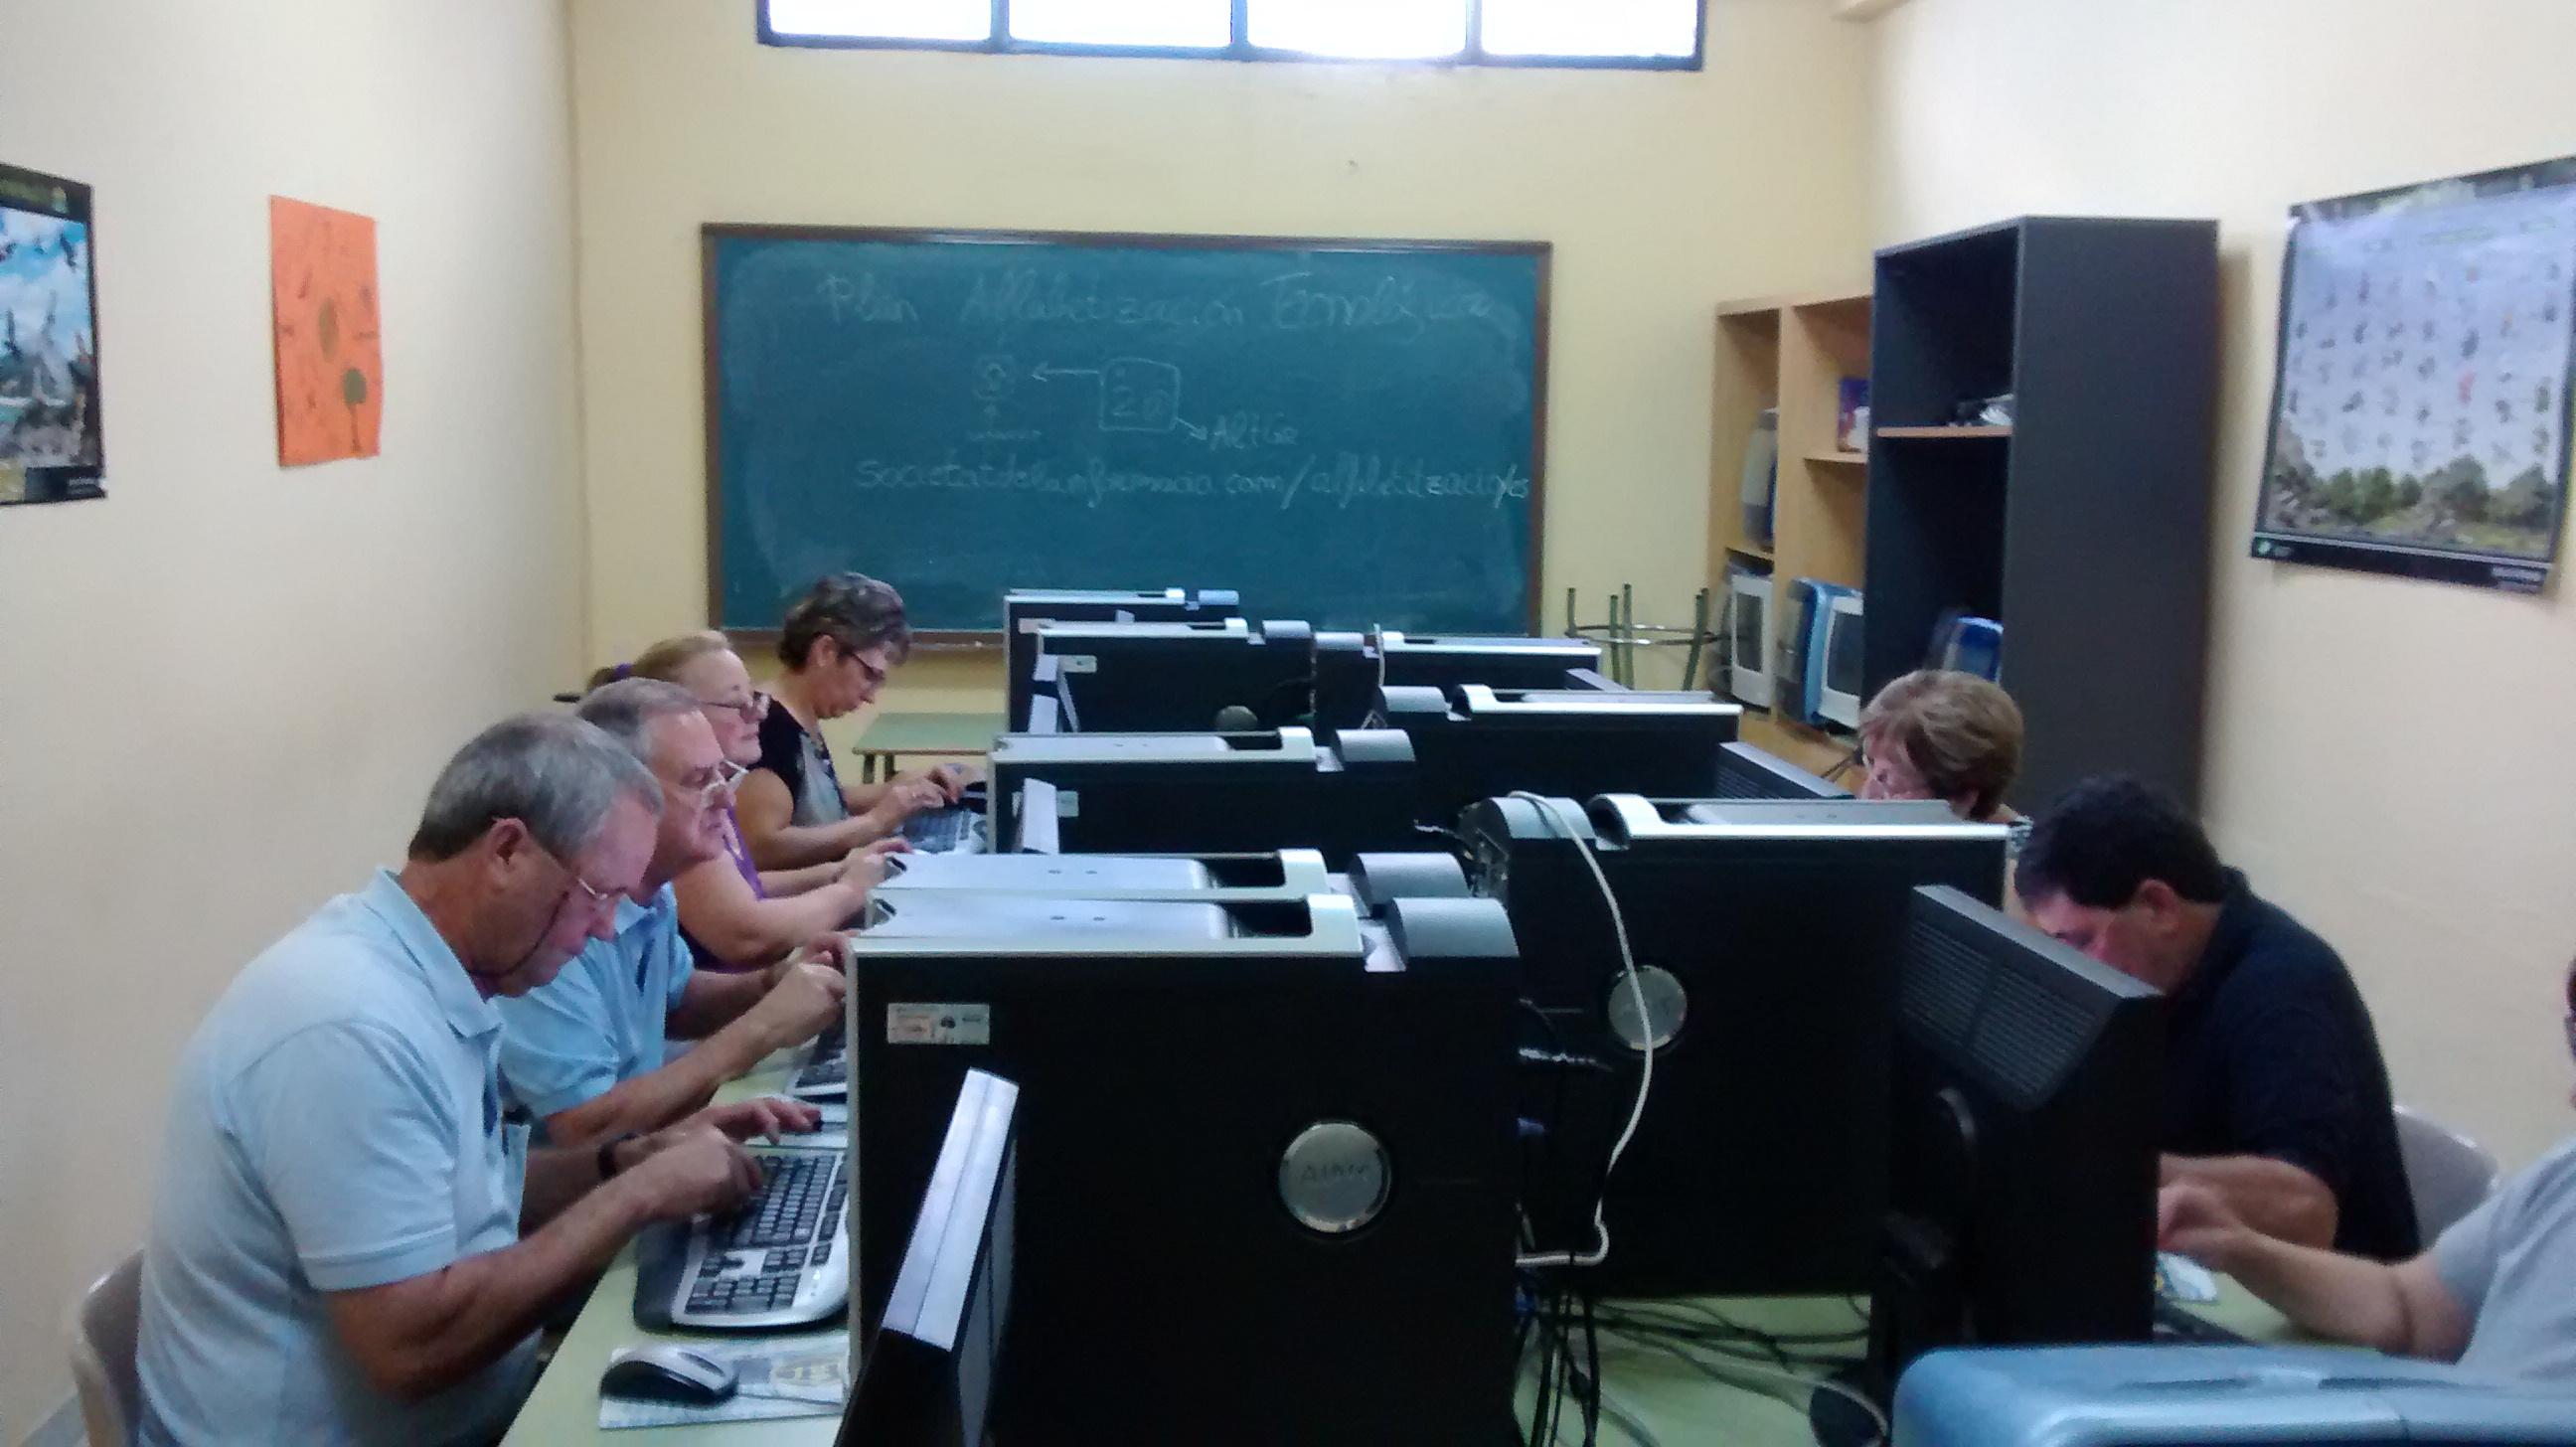 Talleres de iniciación a la informática desde el Plan de Alfabetización Tecnológica